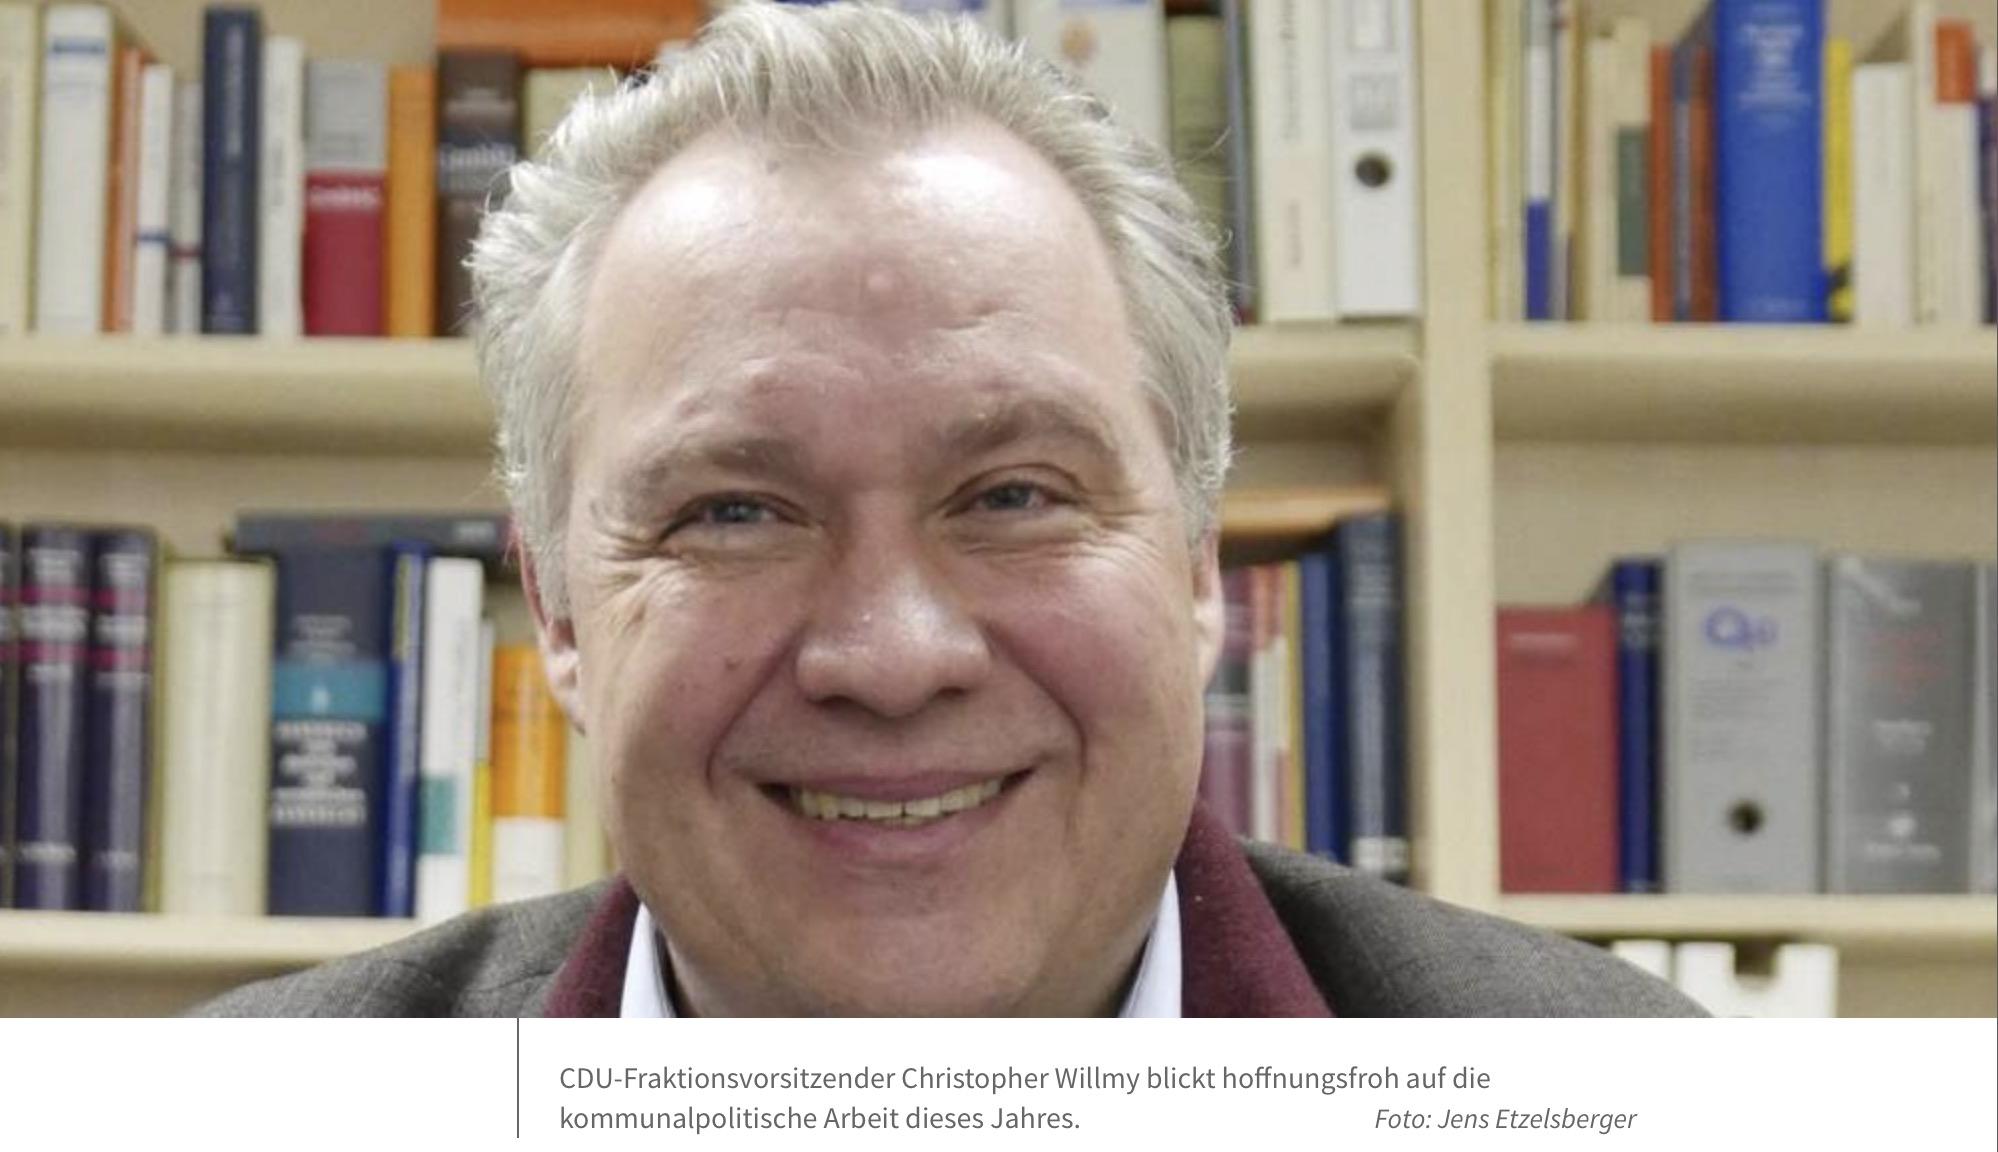 Flörsheims CDU-Fraktionschef plädiert für mehr Realitätssinn